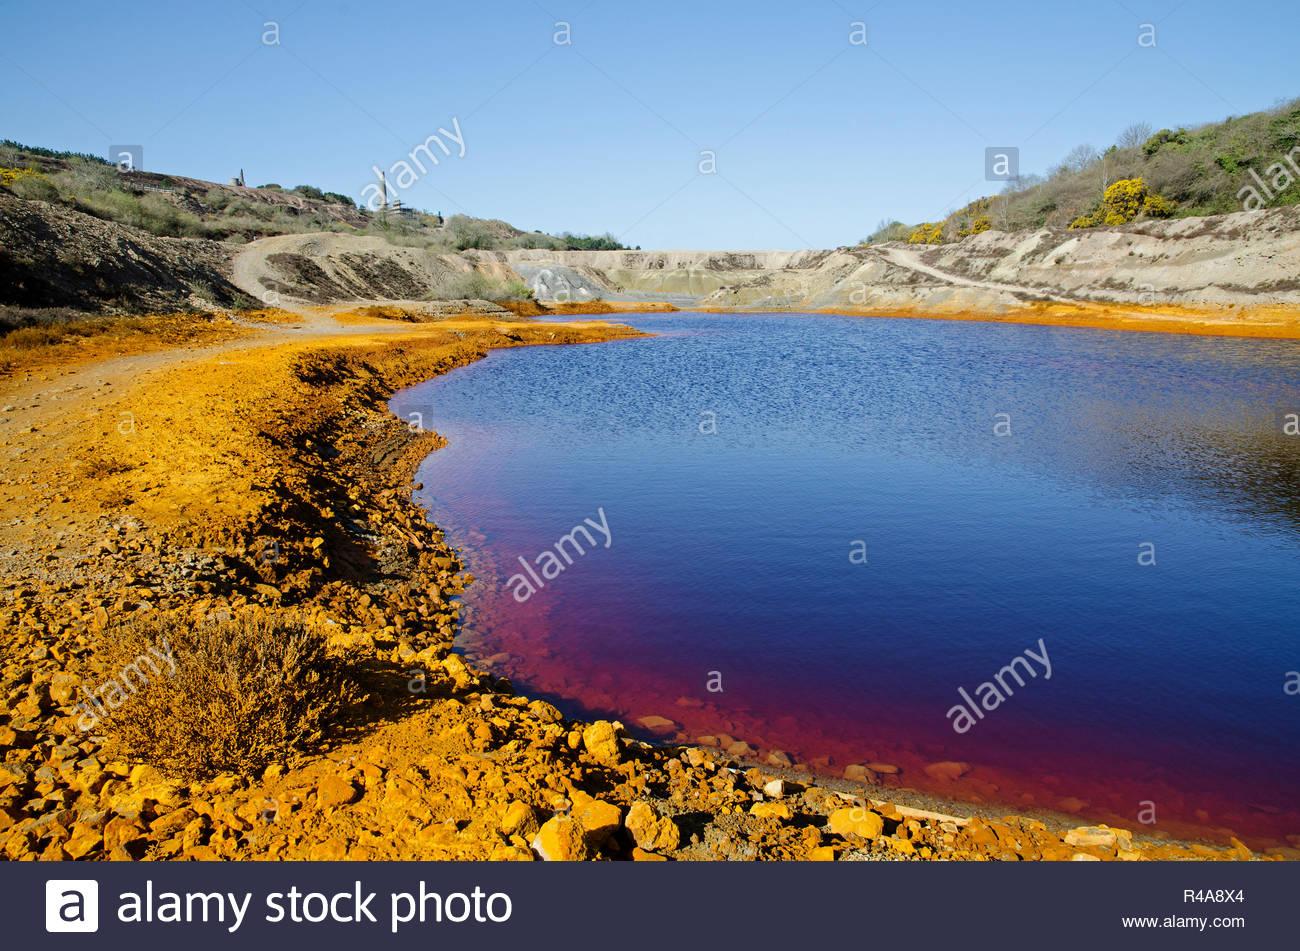 Inquinamento industriale, terreno inquinato e acqua dalla vecchia miniera di stagno lavorazioni vicino a st.giorno in Cornovaglia, Inghilterra, Regno Unito. Immagini Stock